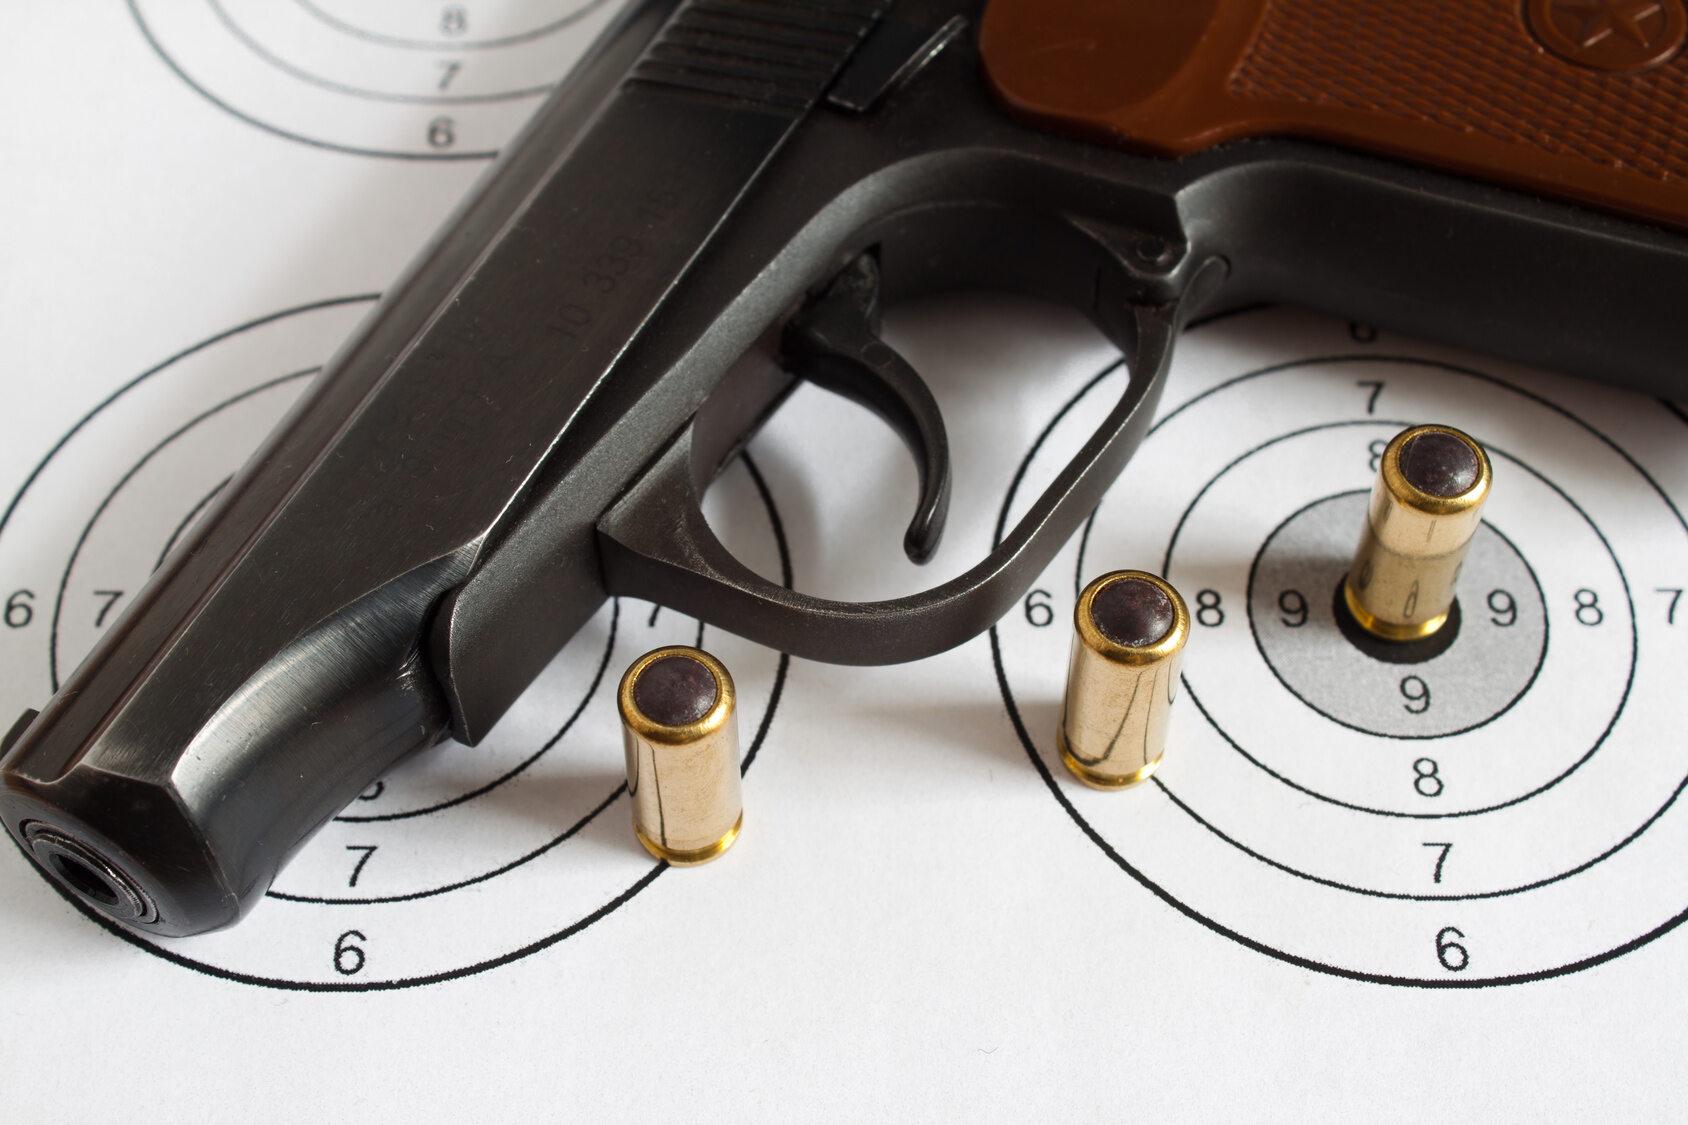 Broń, zdjęcie ilustracyjne